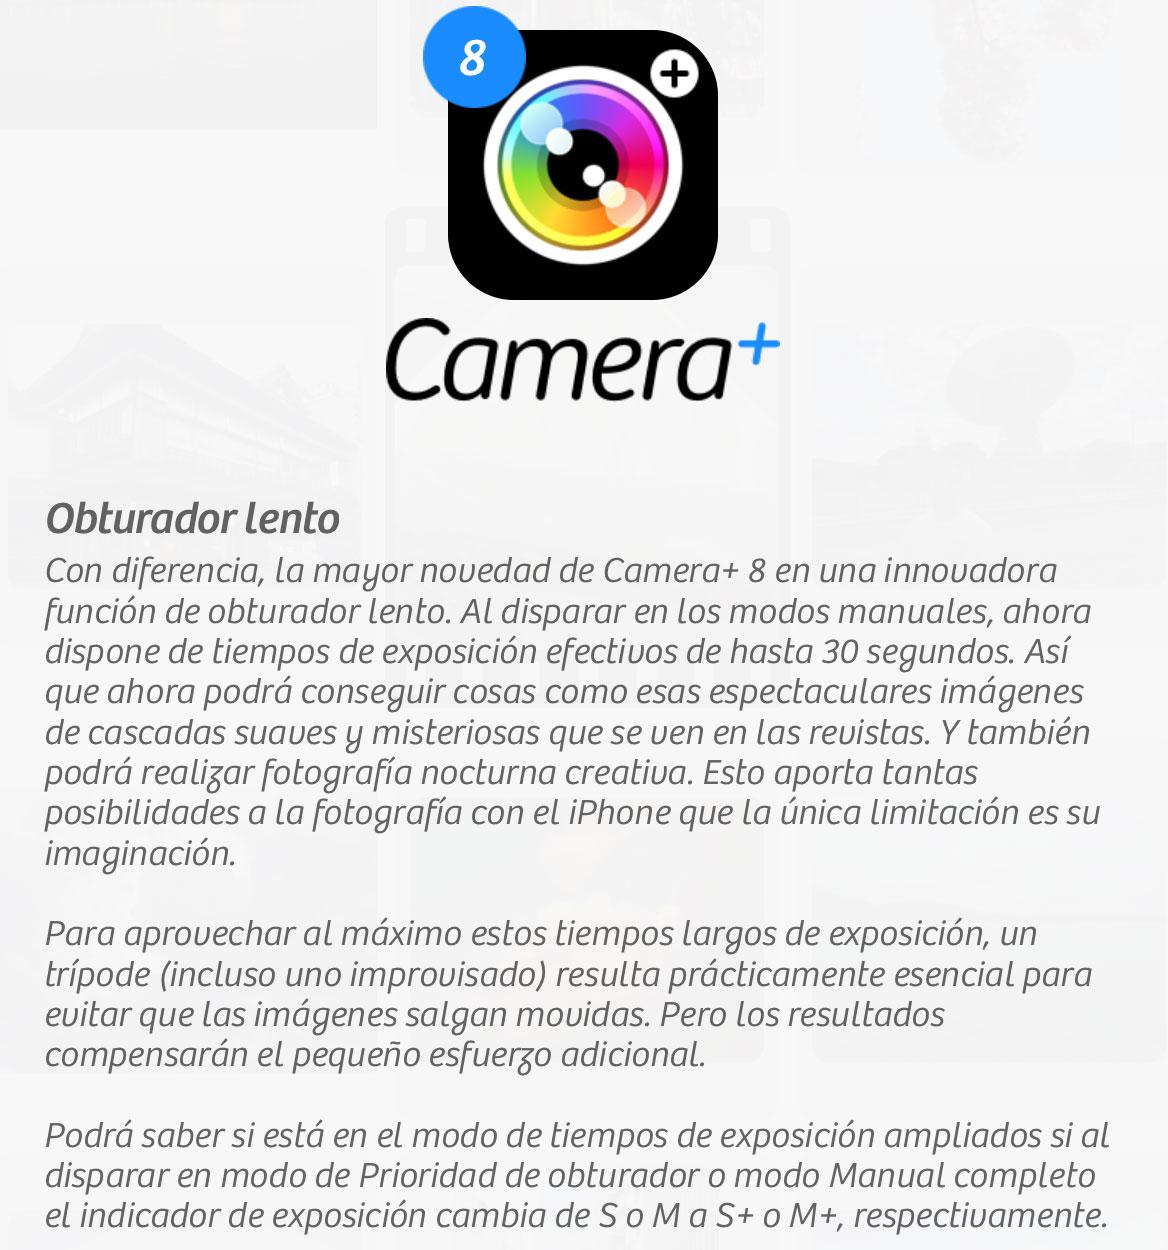 Camera+ explica el modo de larga exposición